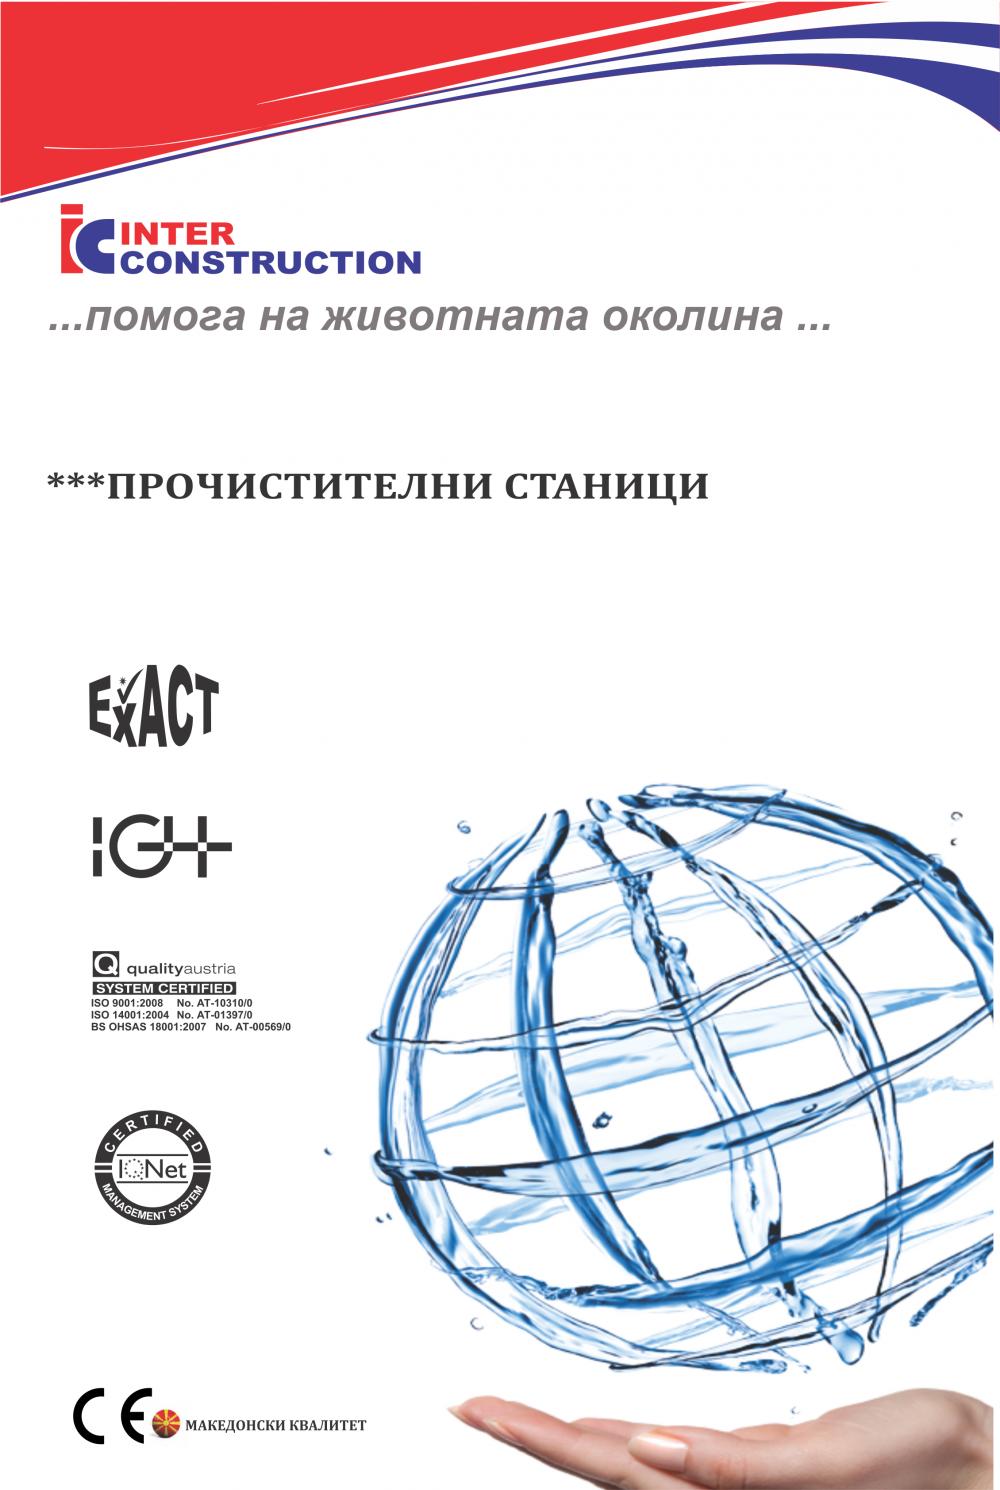 прочистителни станици интер констракшн procistitelni stanici inter construction